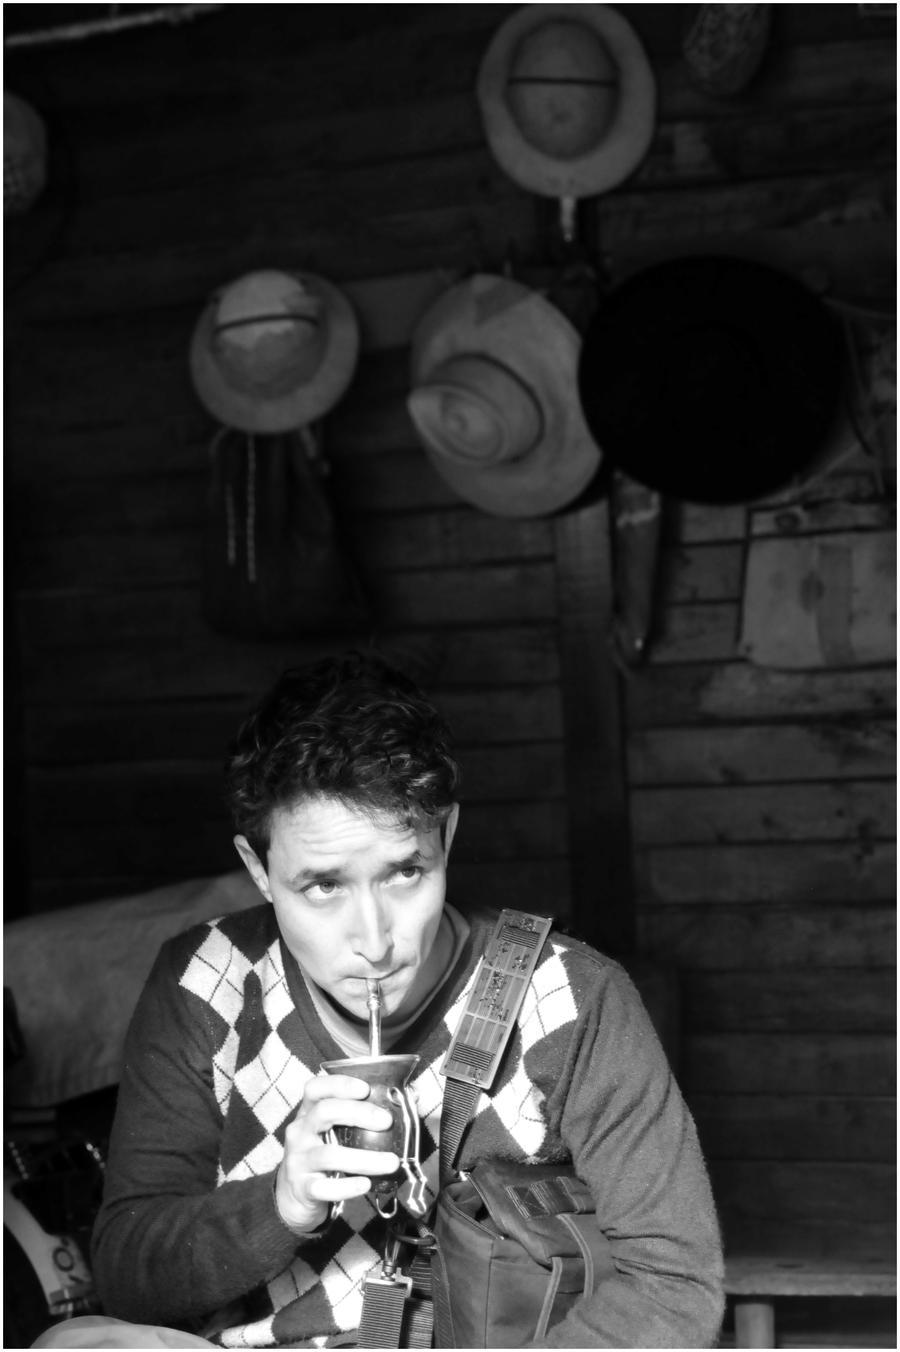 davidkurtiz's Profile Picture